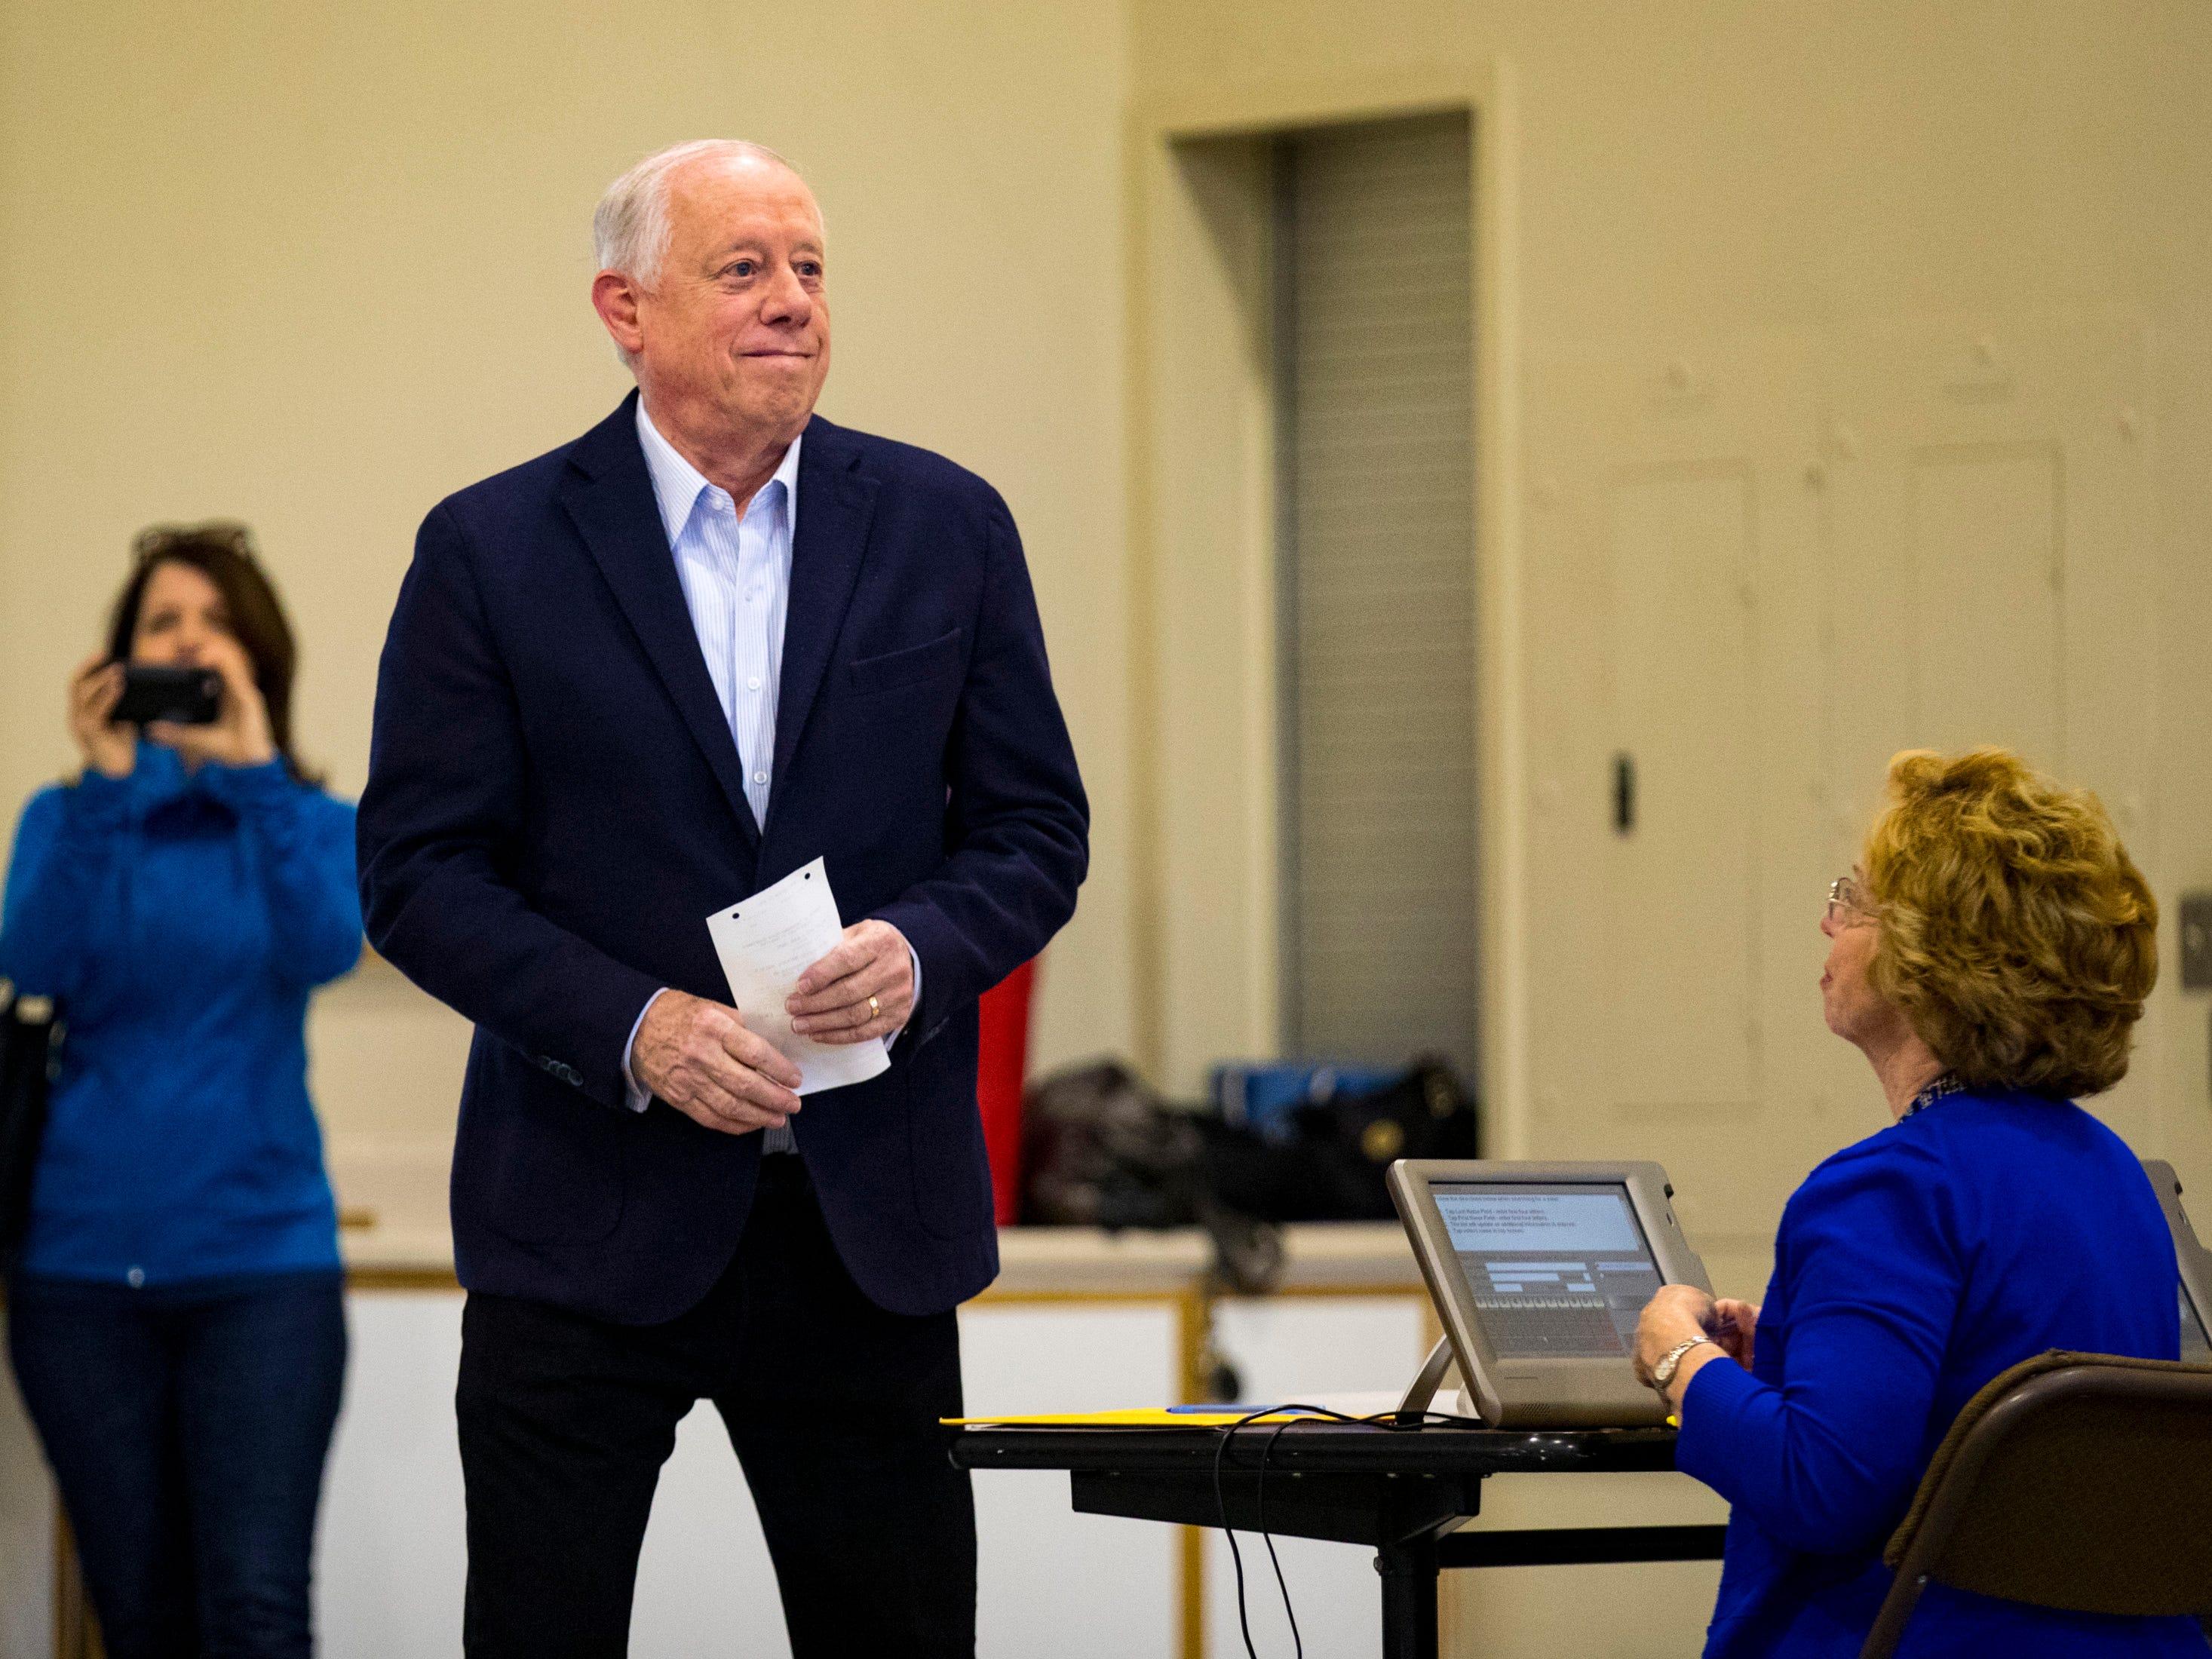 Governor Phil Bredesen prepares to cast his ballot at the Hillsboro Presbyterian Church in Nashville on Tuesday, Nov. 6, 2018.